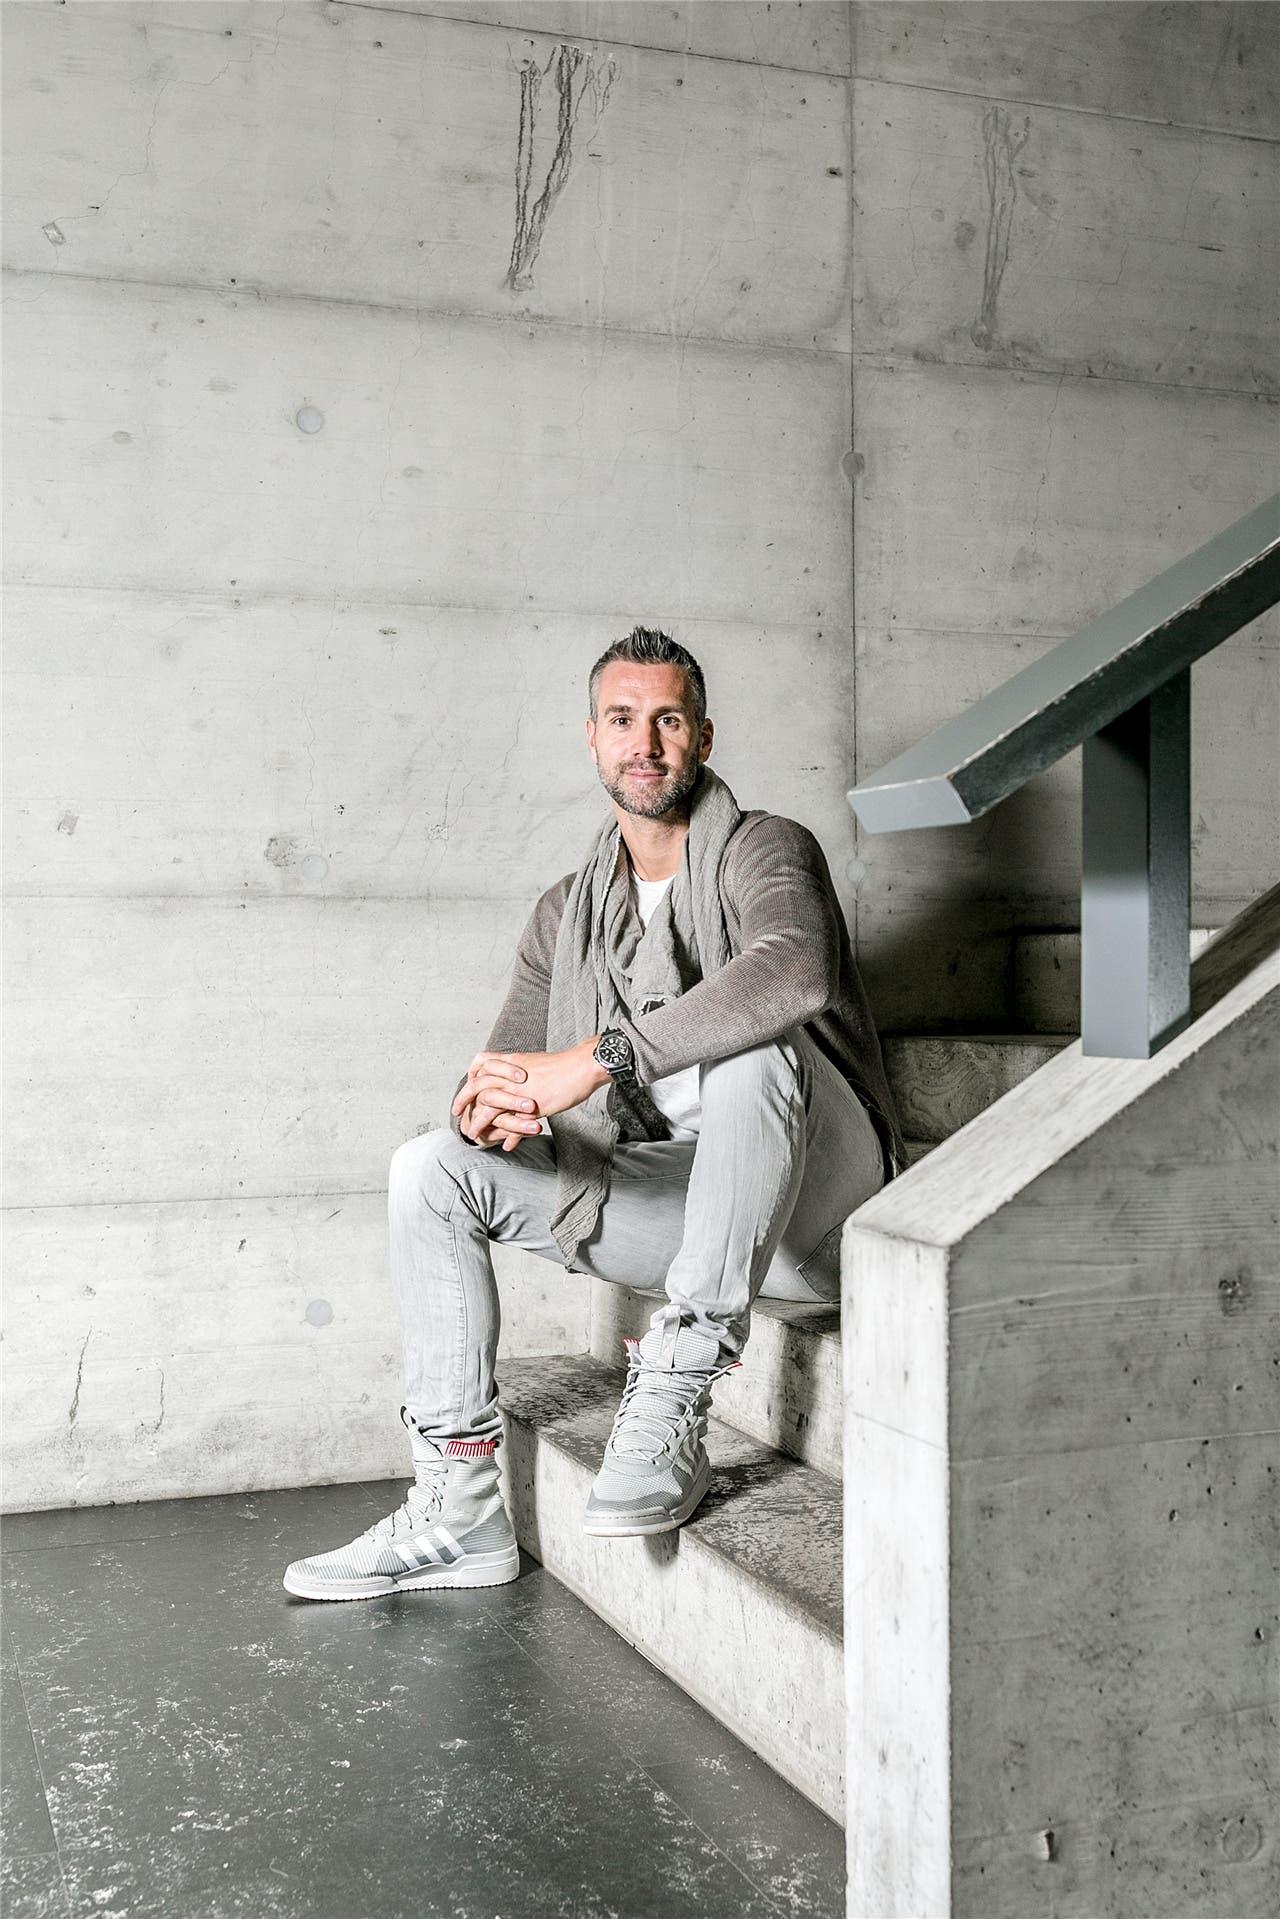 Er sei zu gross für Profifussball, sagten Maierhofers Jugendtrainer. Er schaffte es bis zu Bayern München.